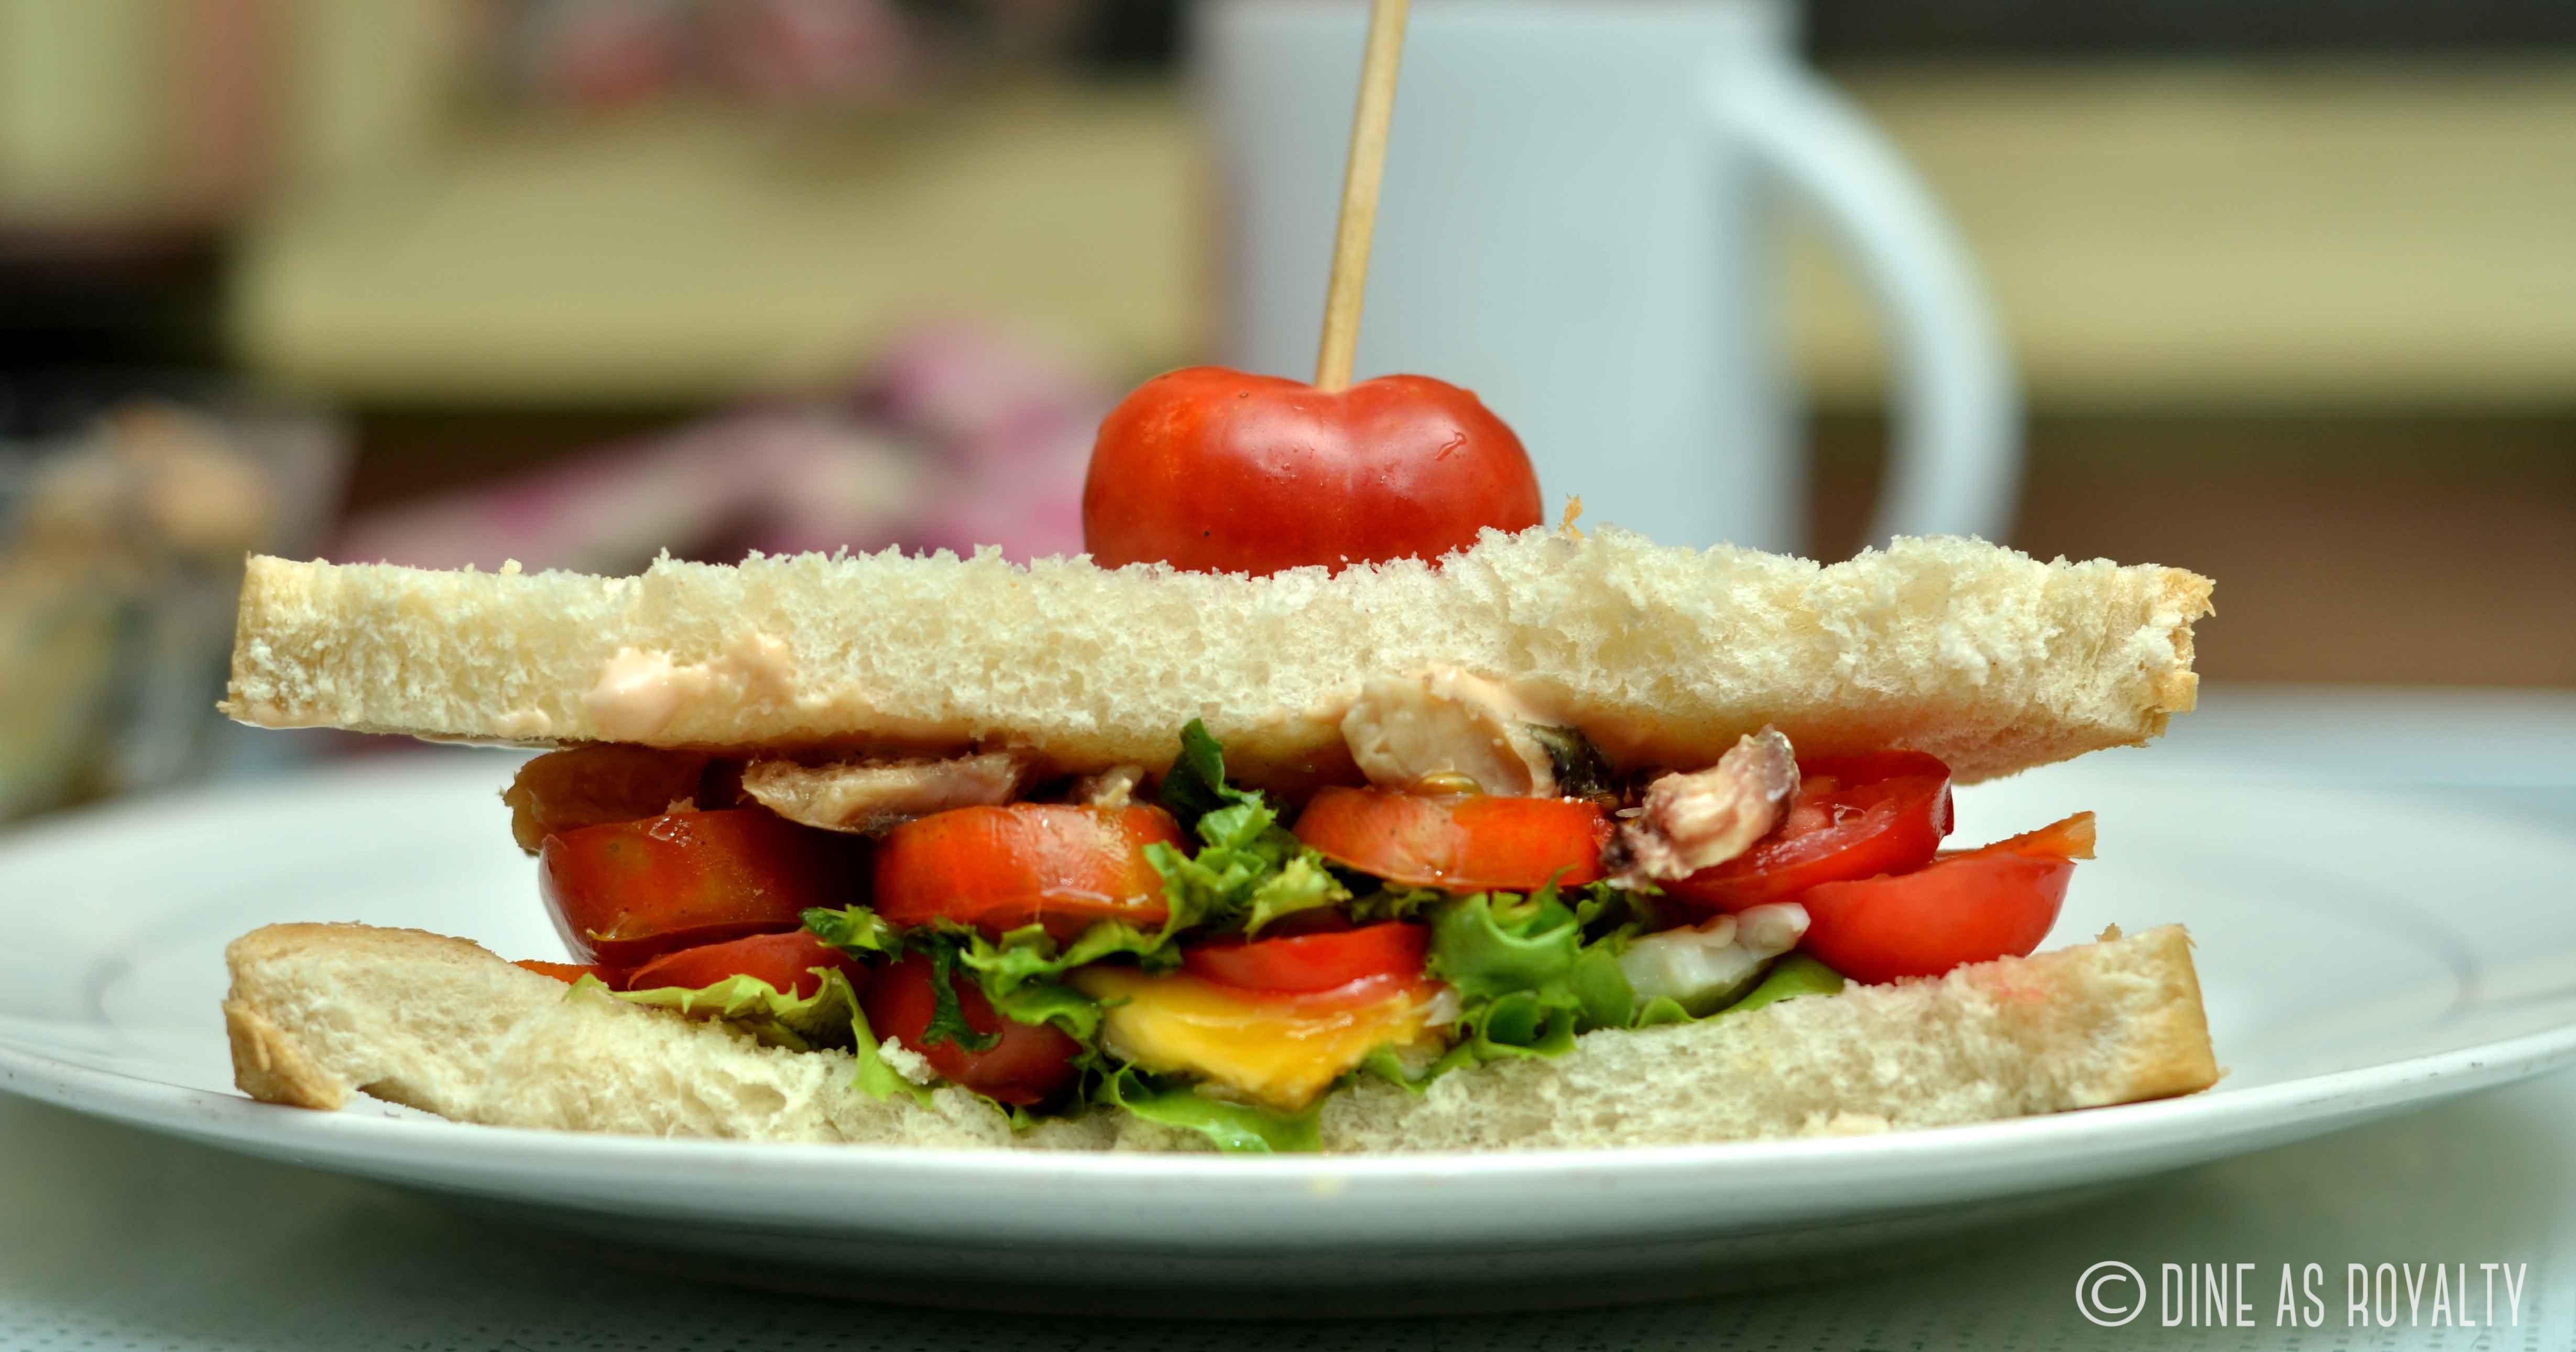 Egg, lettuce, tomato, sardine and mayo sandwich